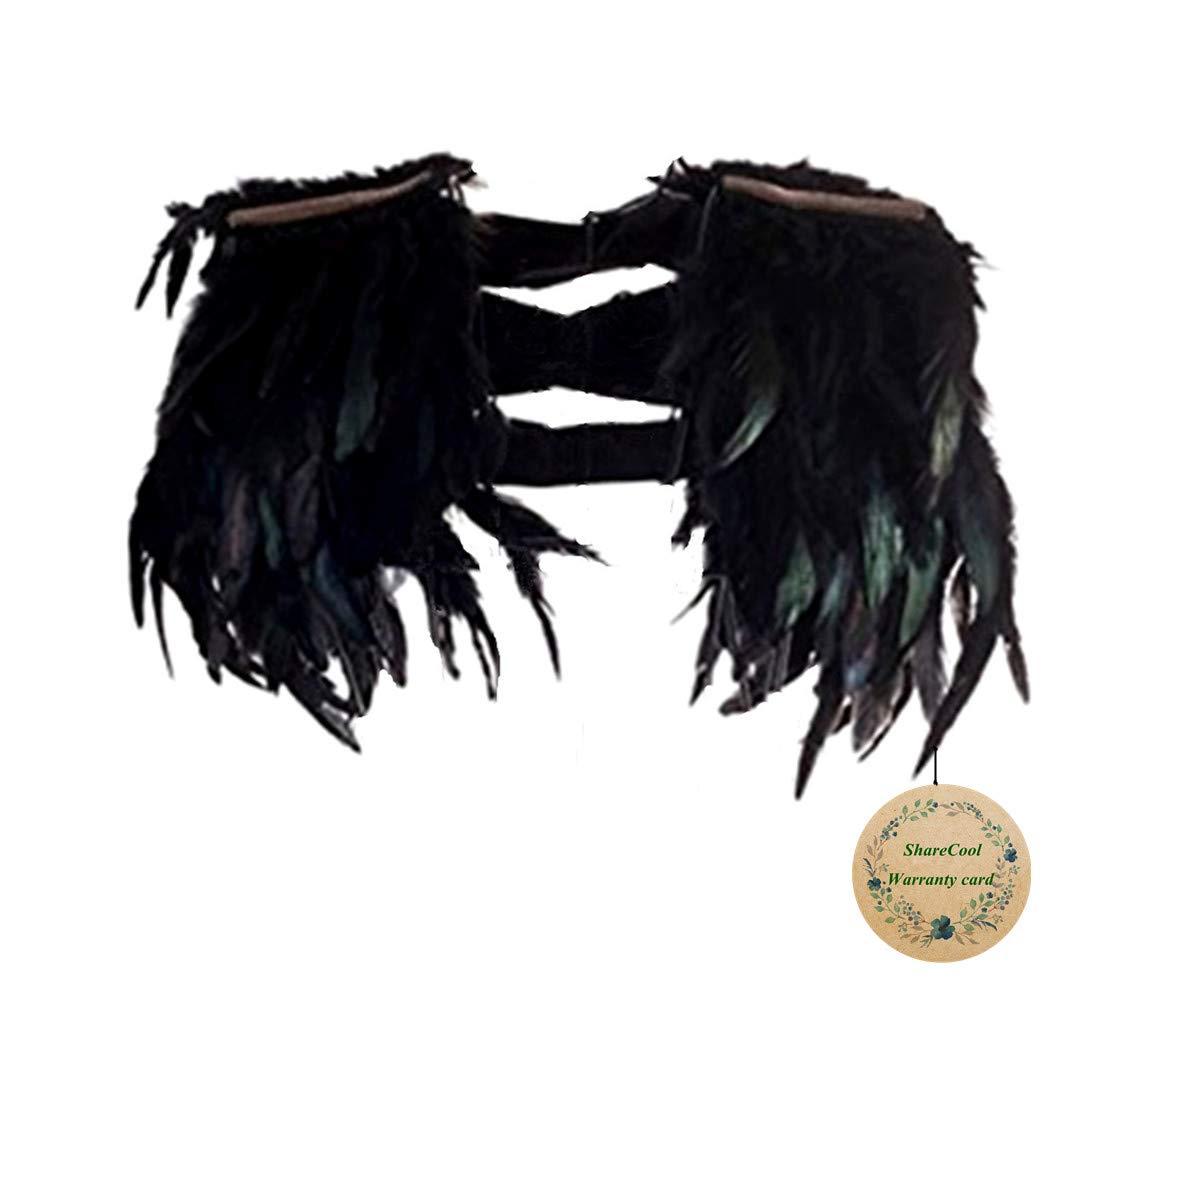 ShareCool Stola di piume Scialle nero Scapular Iridescent Epaulet per il vestito da sera con frange A-63